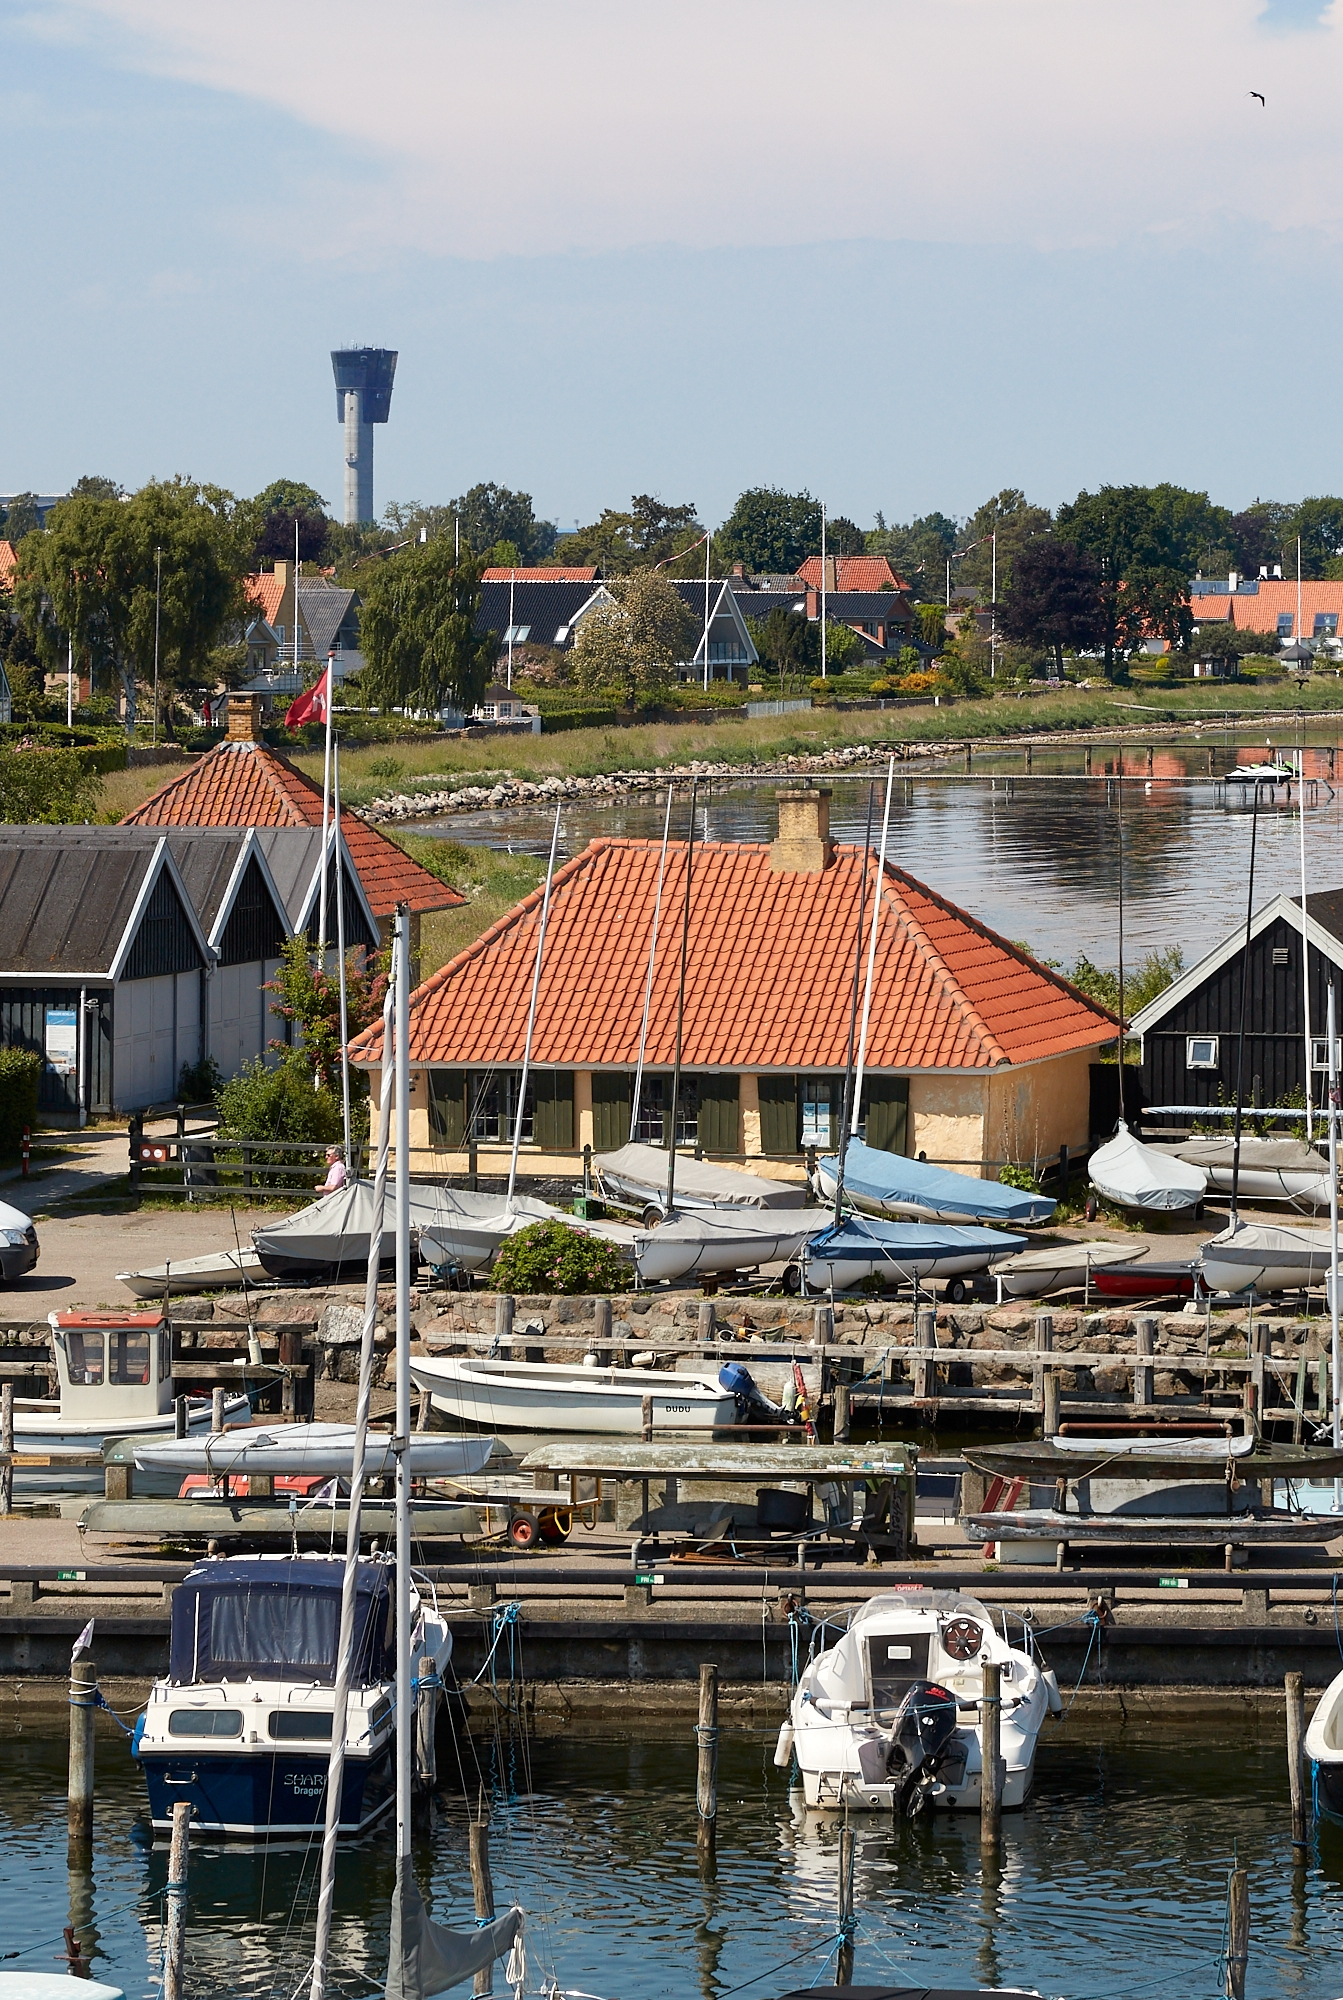 DKK - Klubhuset på Nordre Mole